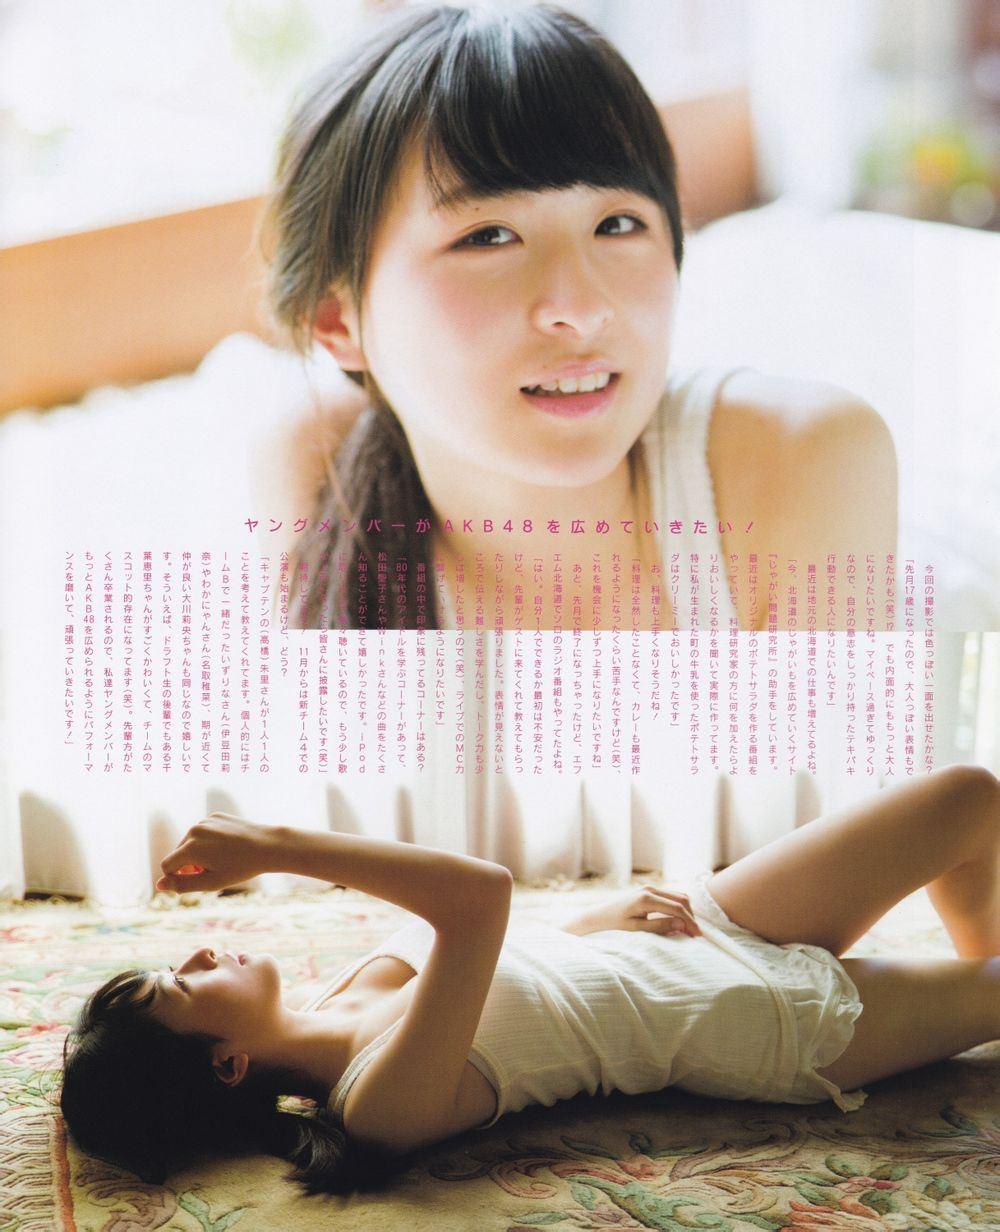 川本紗矢 画像 40